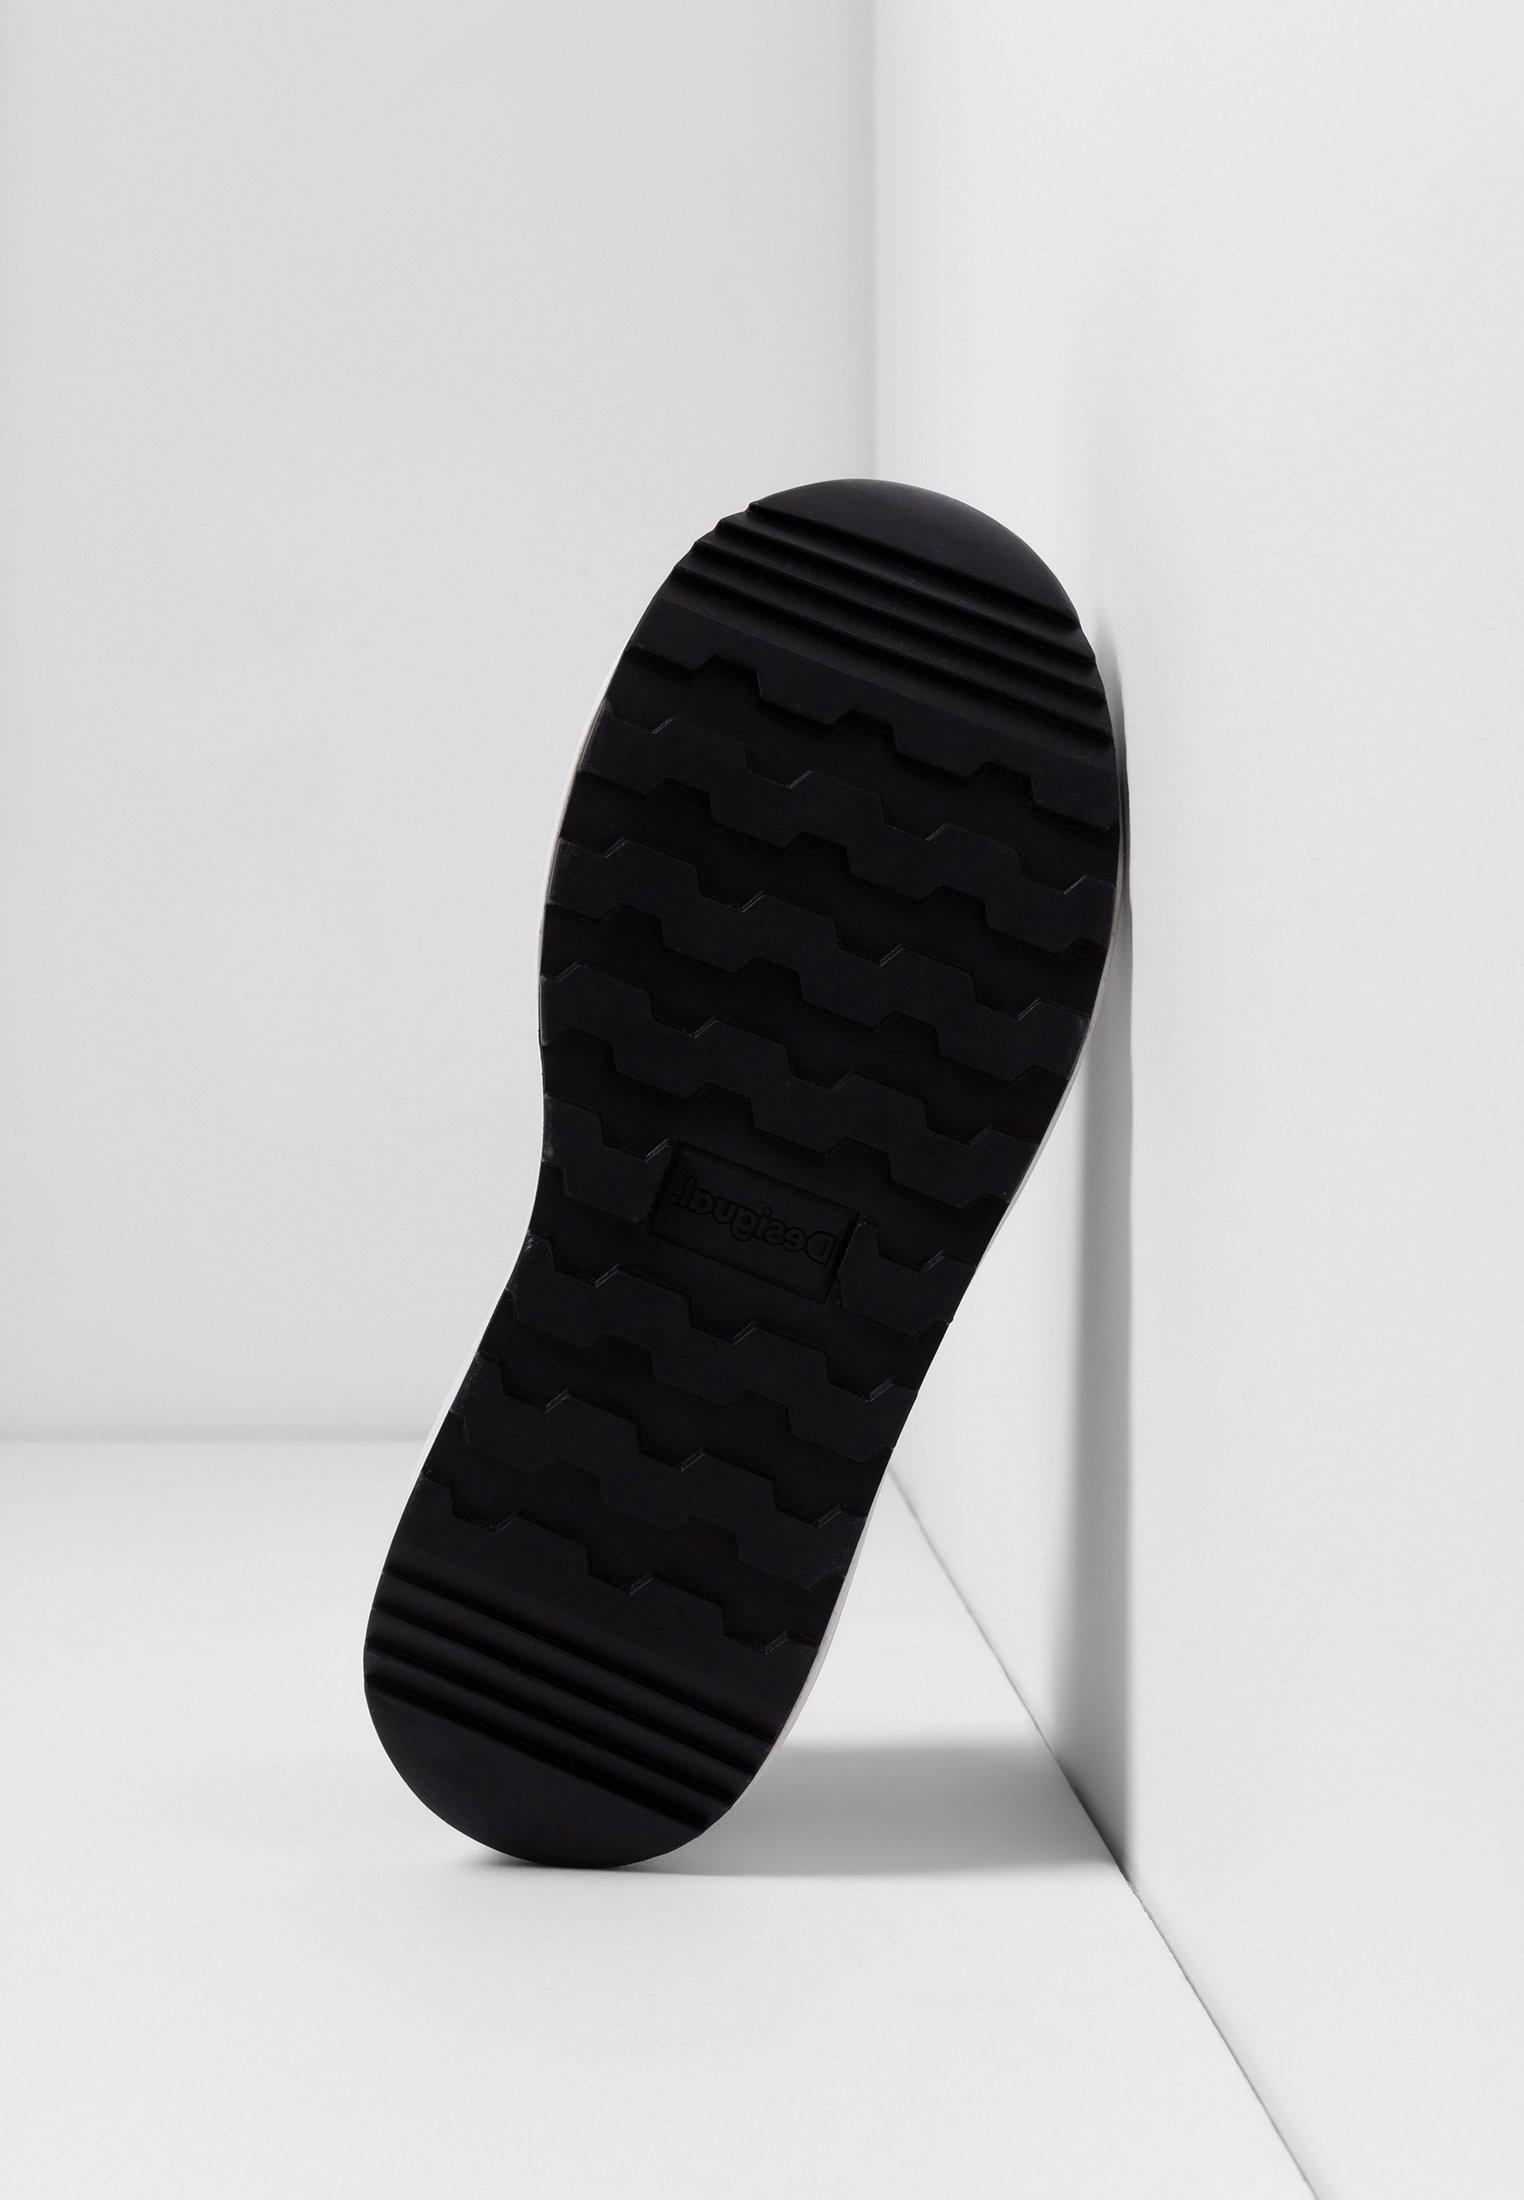 Commercialisable Meilleurs prix Desigual SPICE JULIETTE Baskets basses black pu2Mf